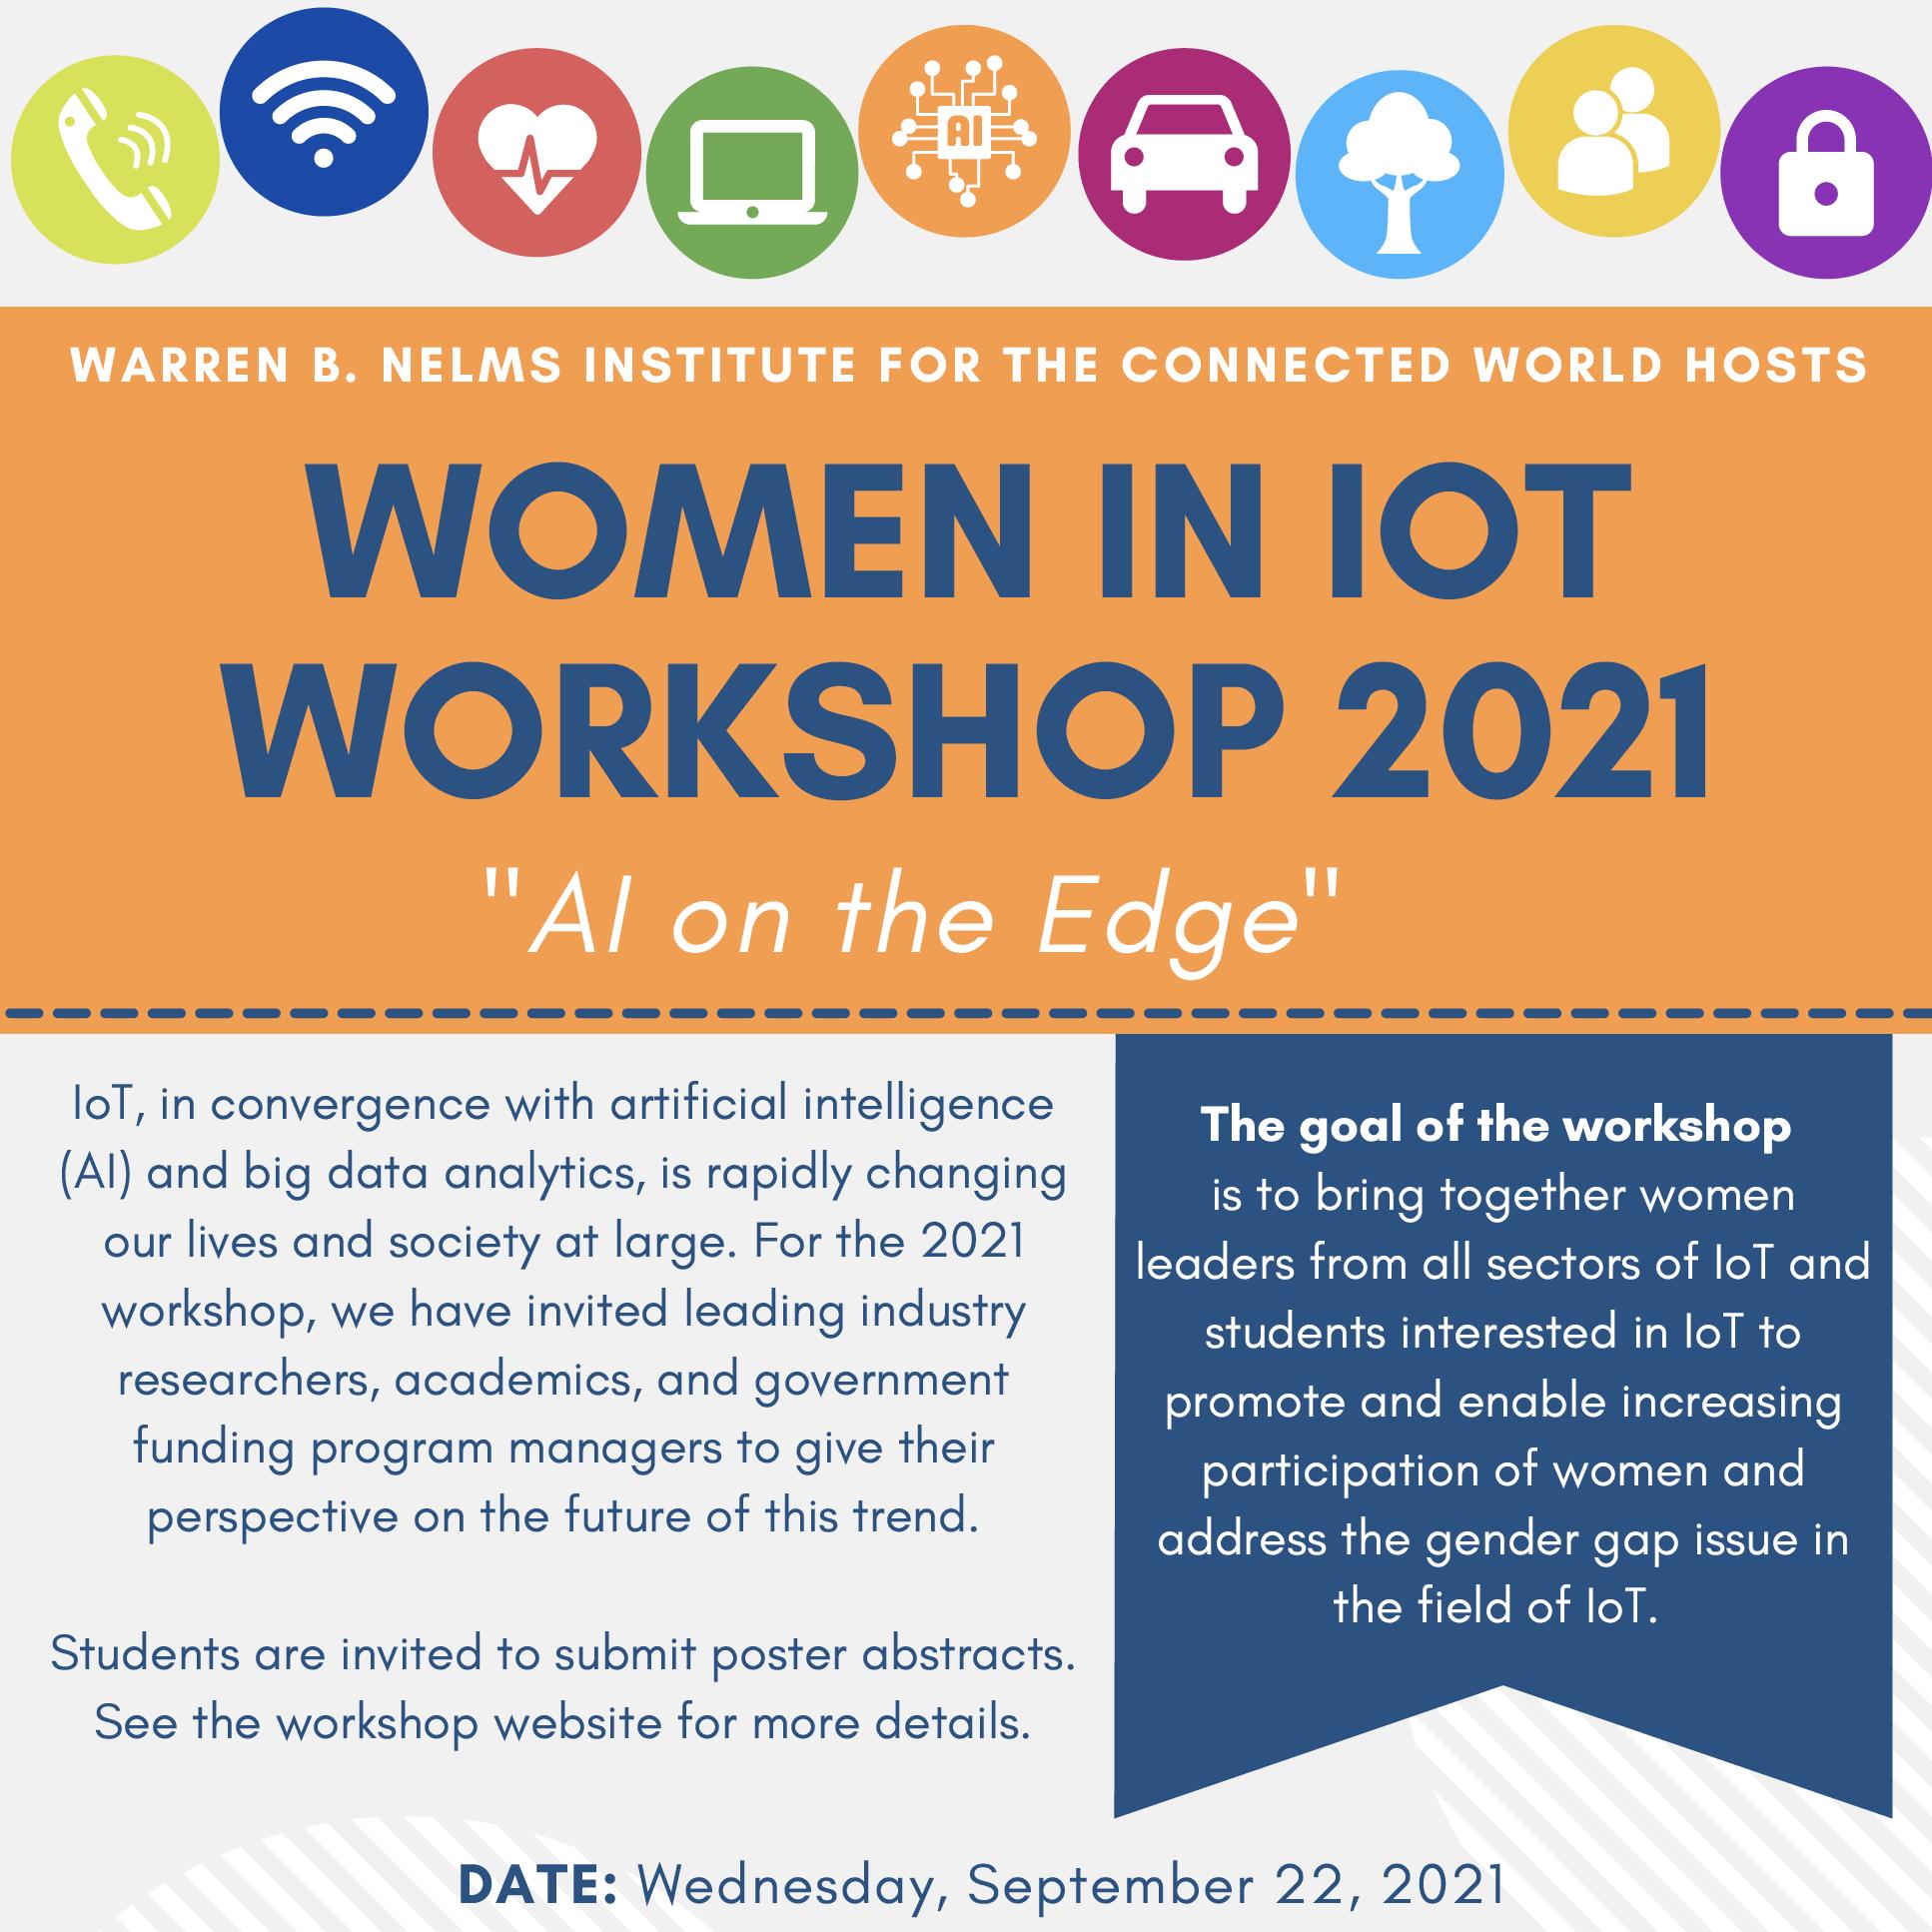 Women in IoT Workshop 2021